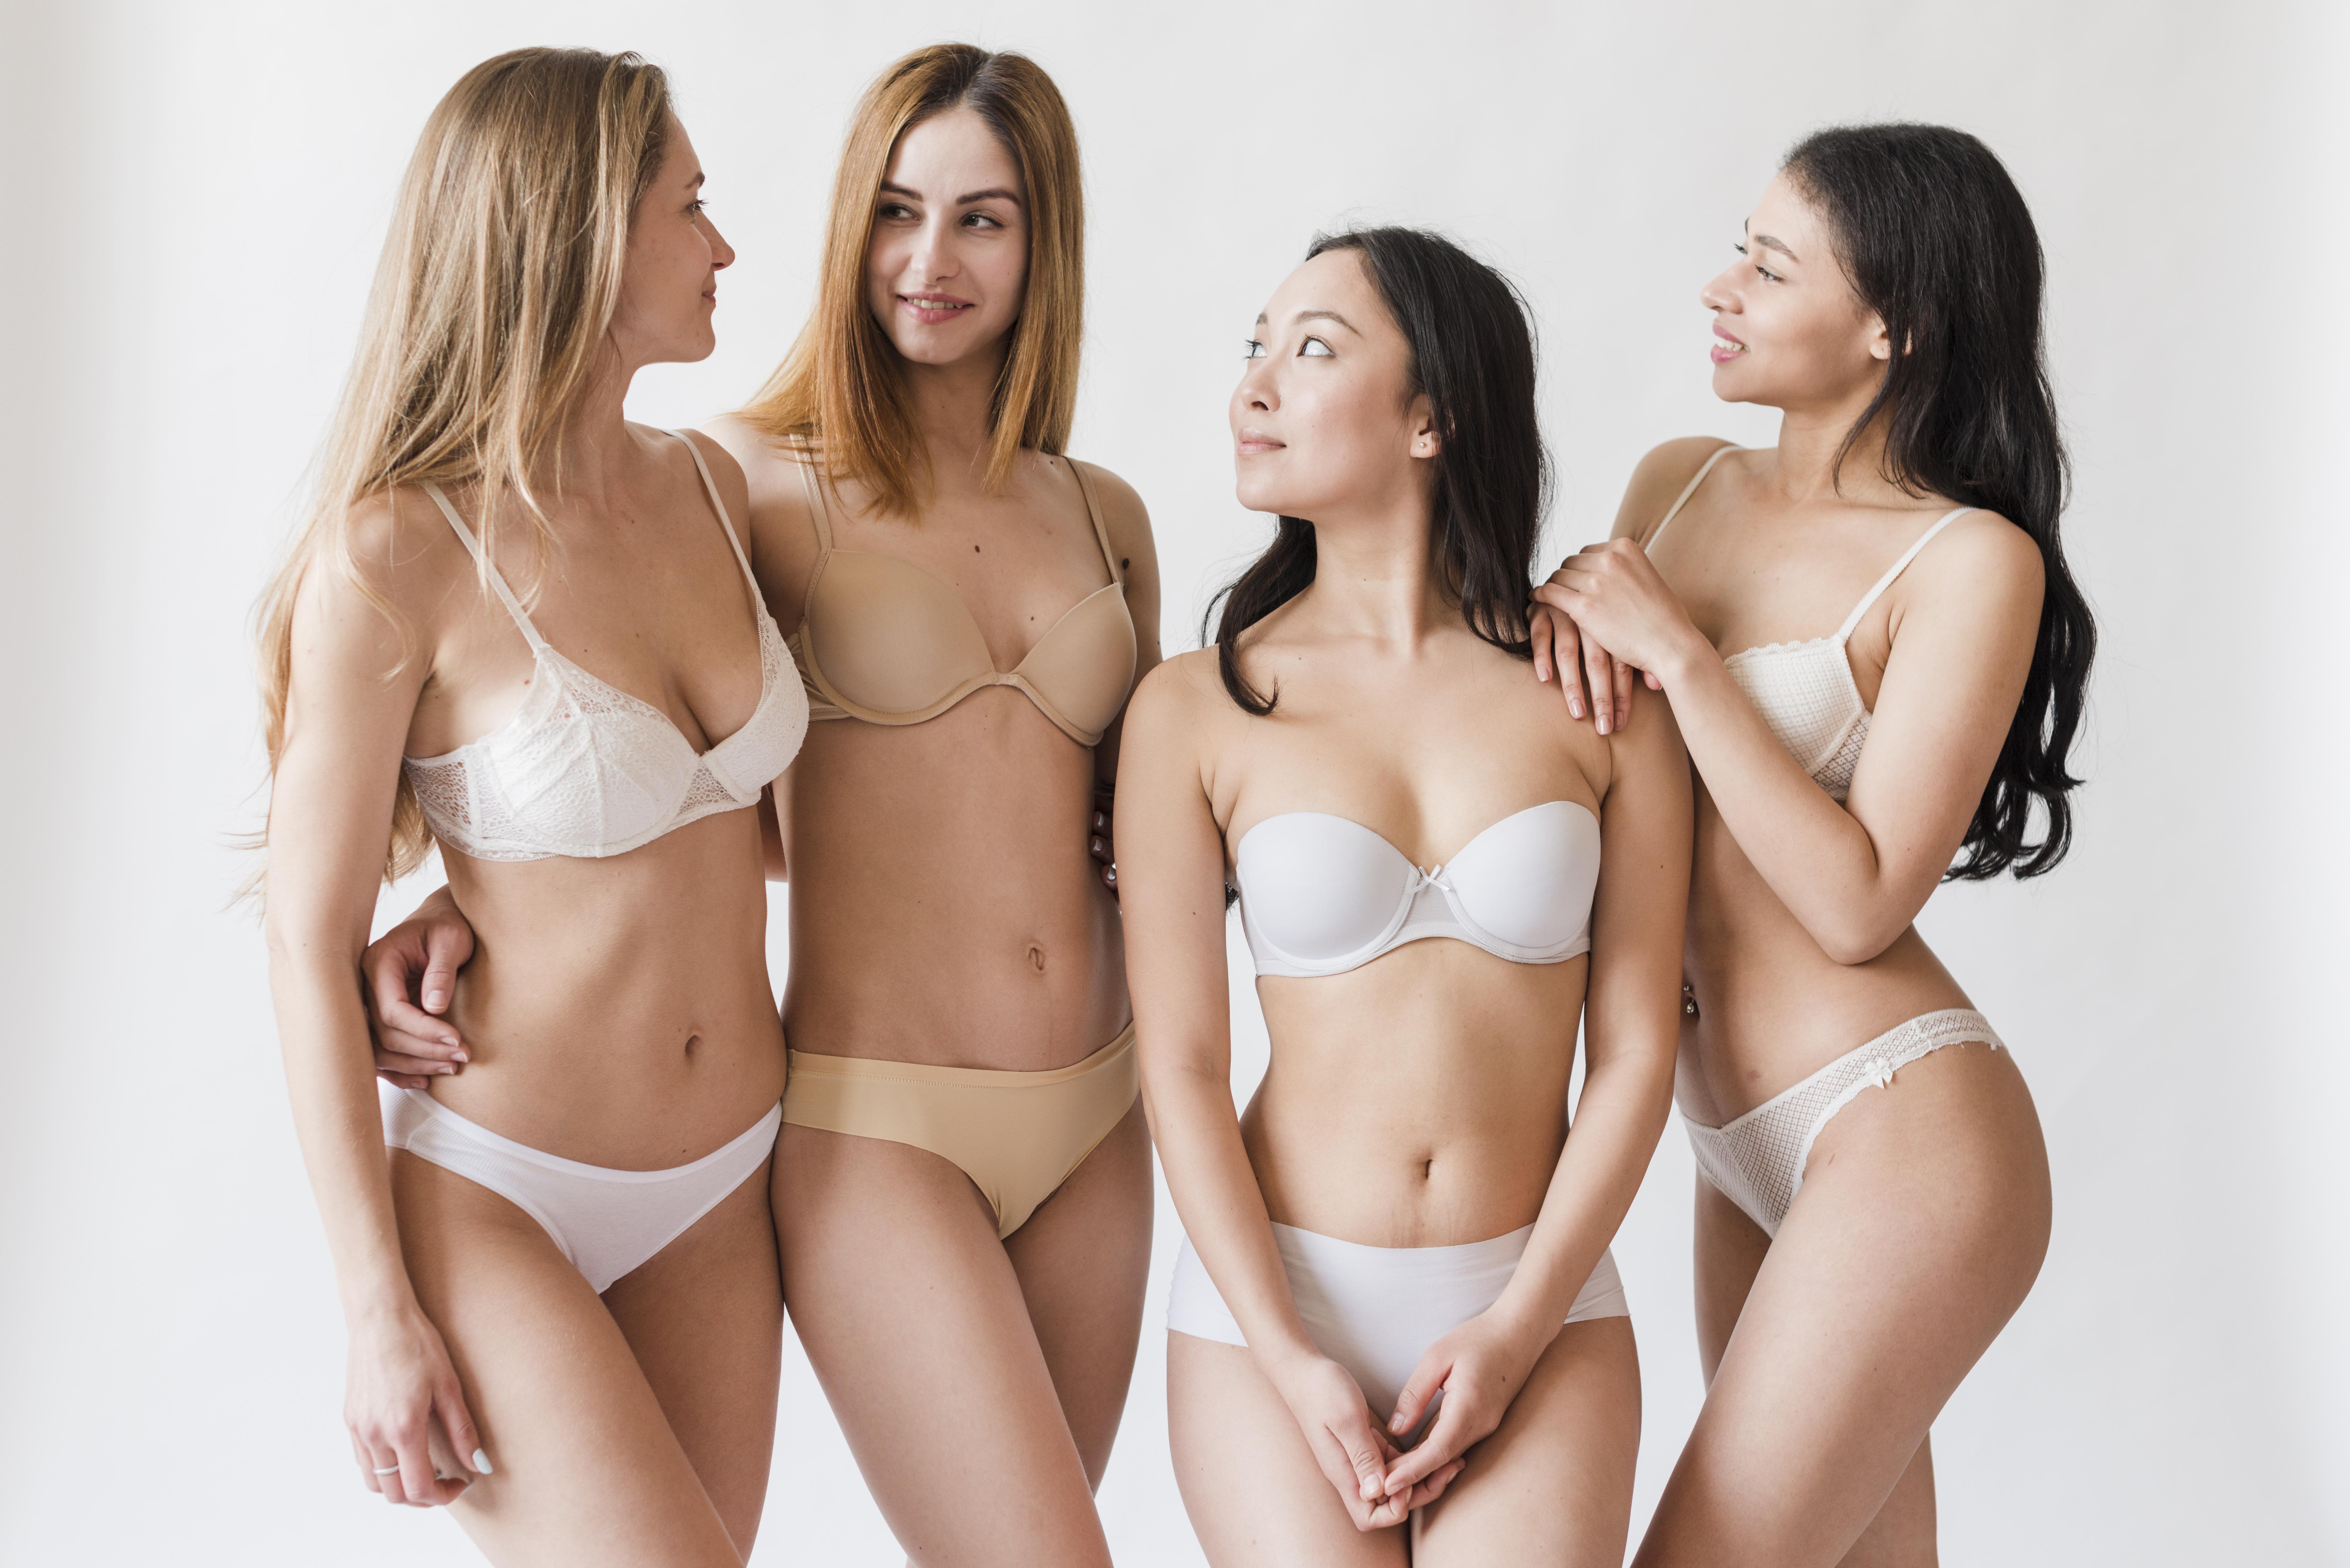 ropa interior feminina y lenceria mujer